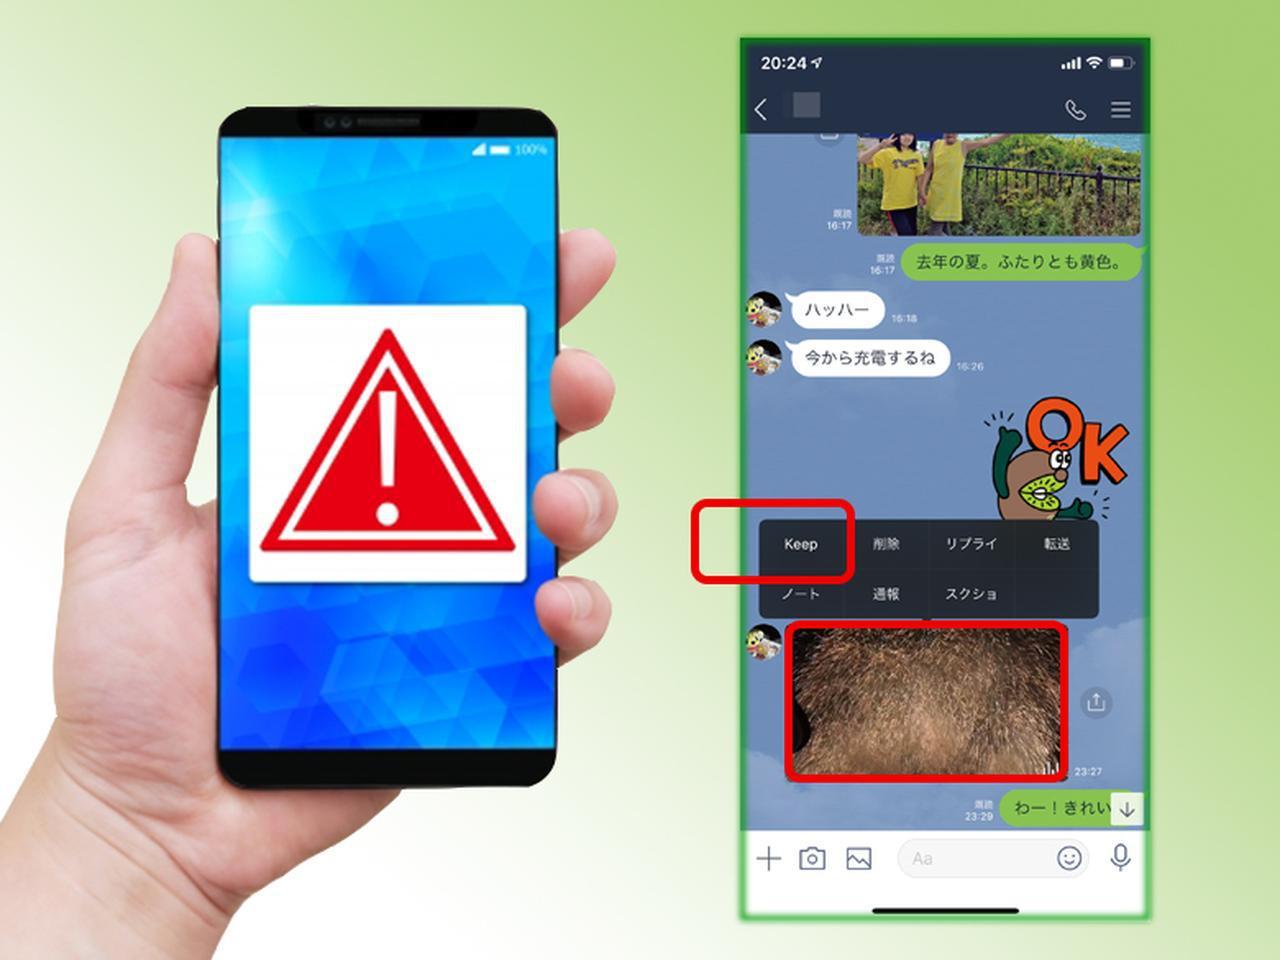 画像: 【LINEの「Keep」とは】画像やメッセージの保存機能 大事な情報の管理に便利! - 特選街web